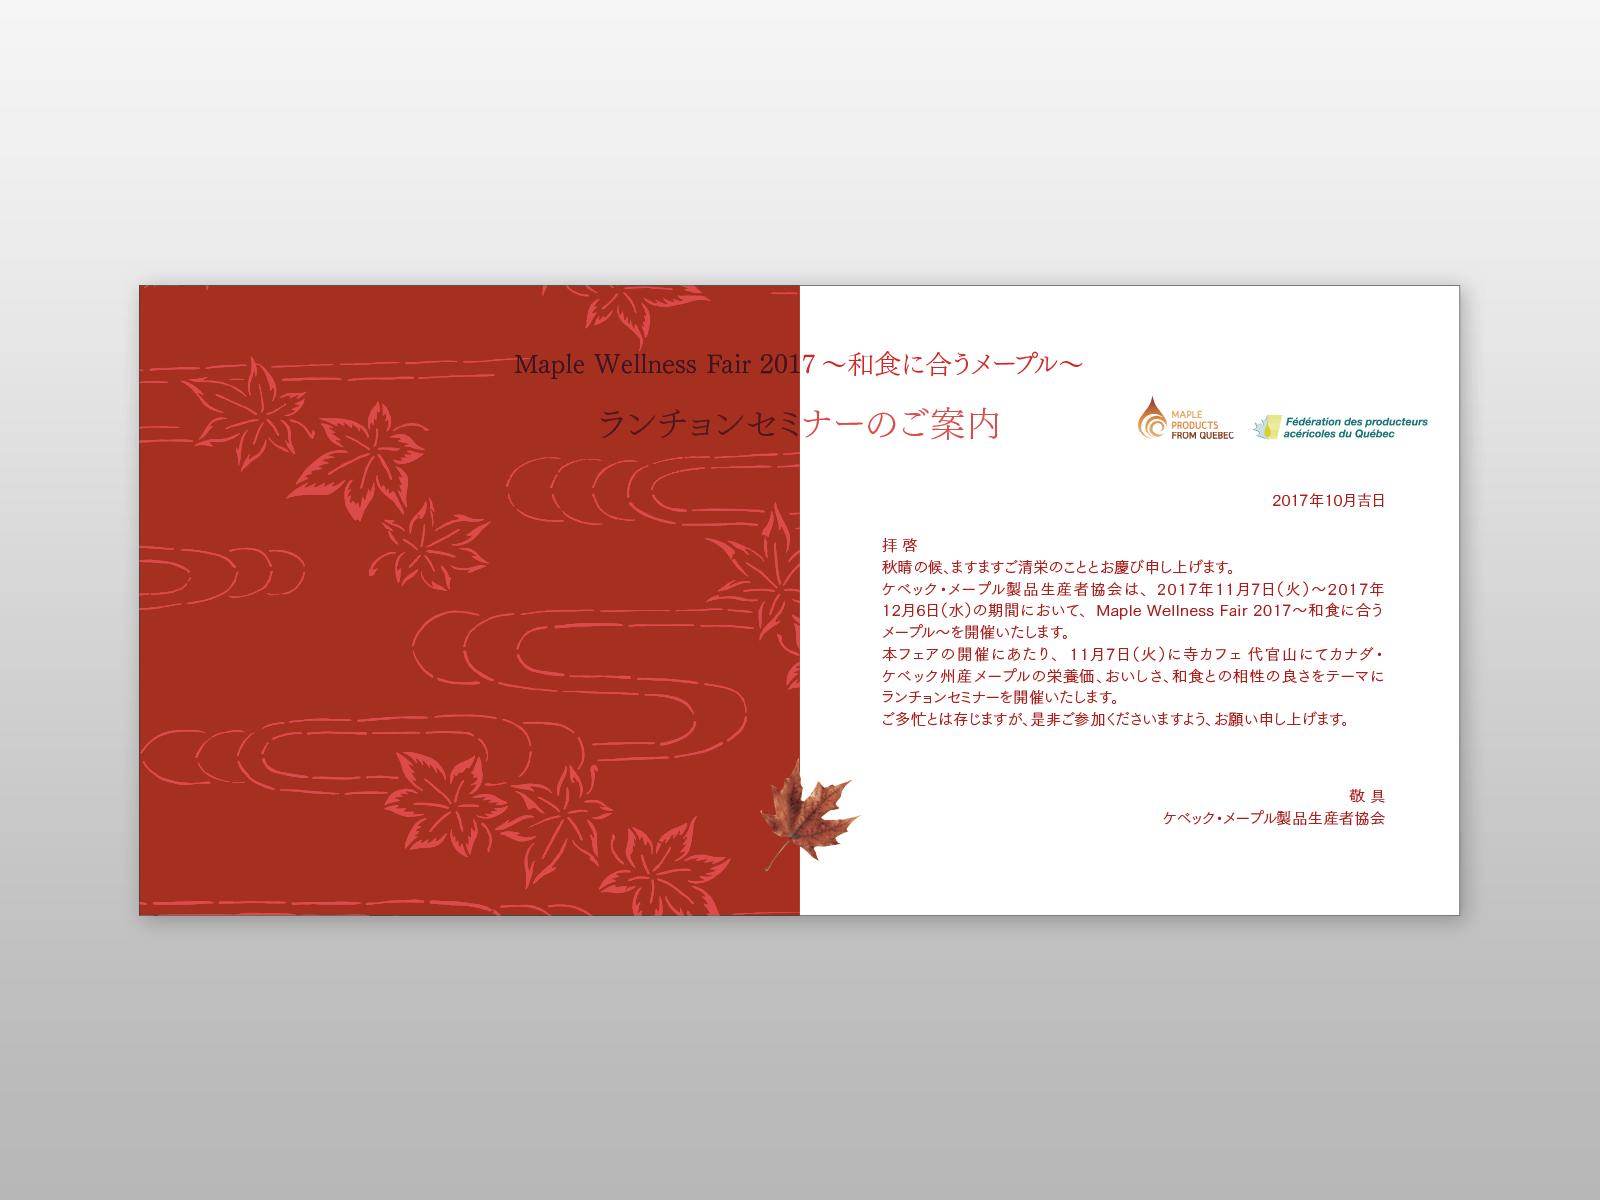 ケベック・メープル製品生産者協会 イベント招待状